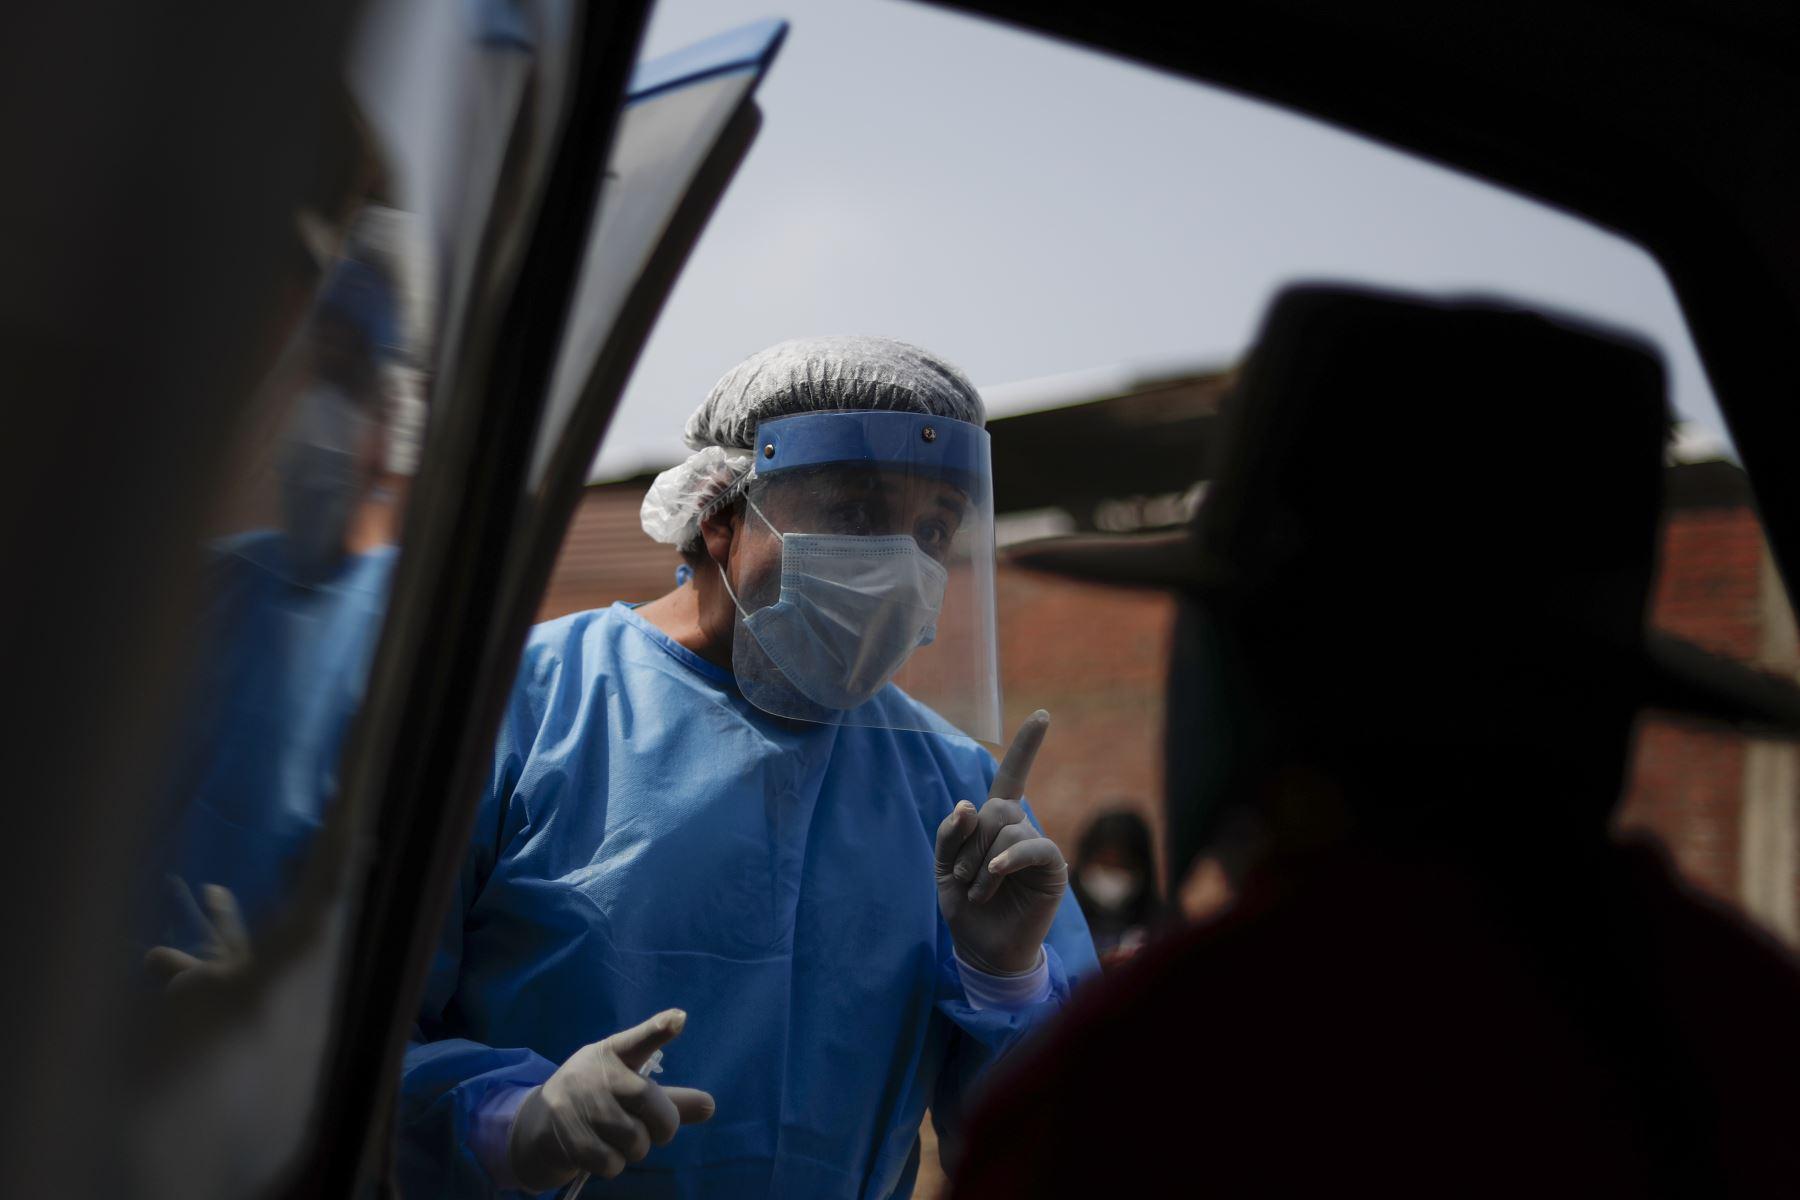 Las brigadas preguntan a la población si han recibido vacuna antes y advierten además sobre un posible efecto de malestar tras recibir la dosis. Foto: ANDINA/Renato Pajuelo